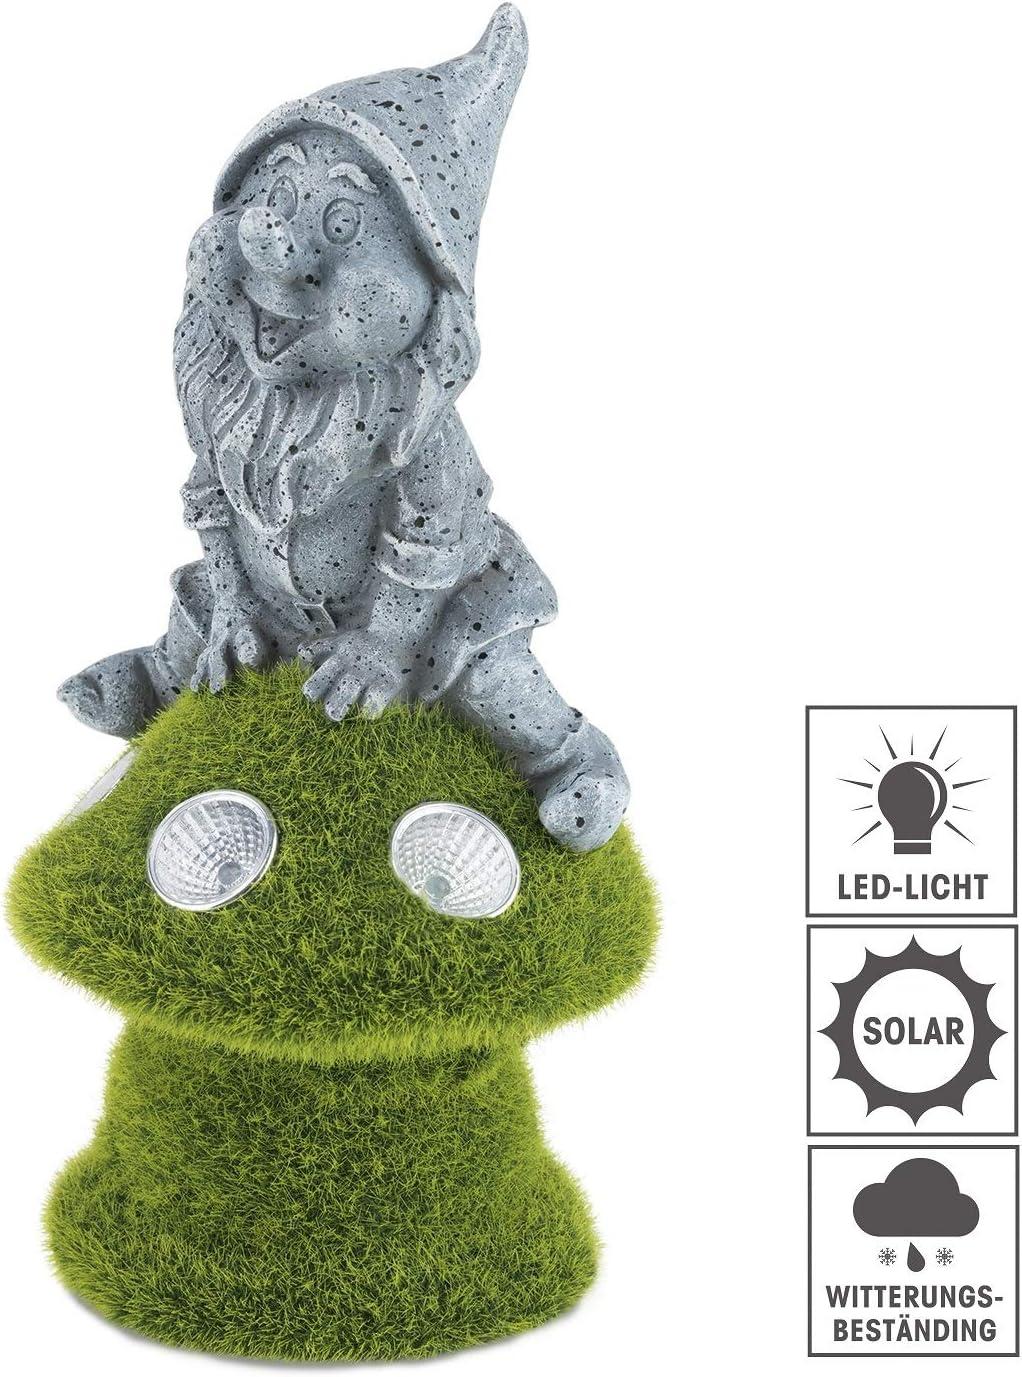 EASYmaxx 08379 - Enanito de jardín solar con luz LED, resistente a la intemperie, sensor de luz diurna para encendido y apagado automático, aspecto de musgo, color gris: Amazon.es: Iluminación